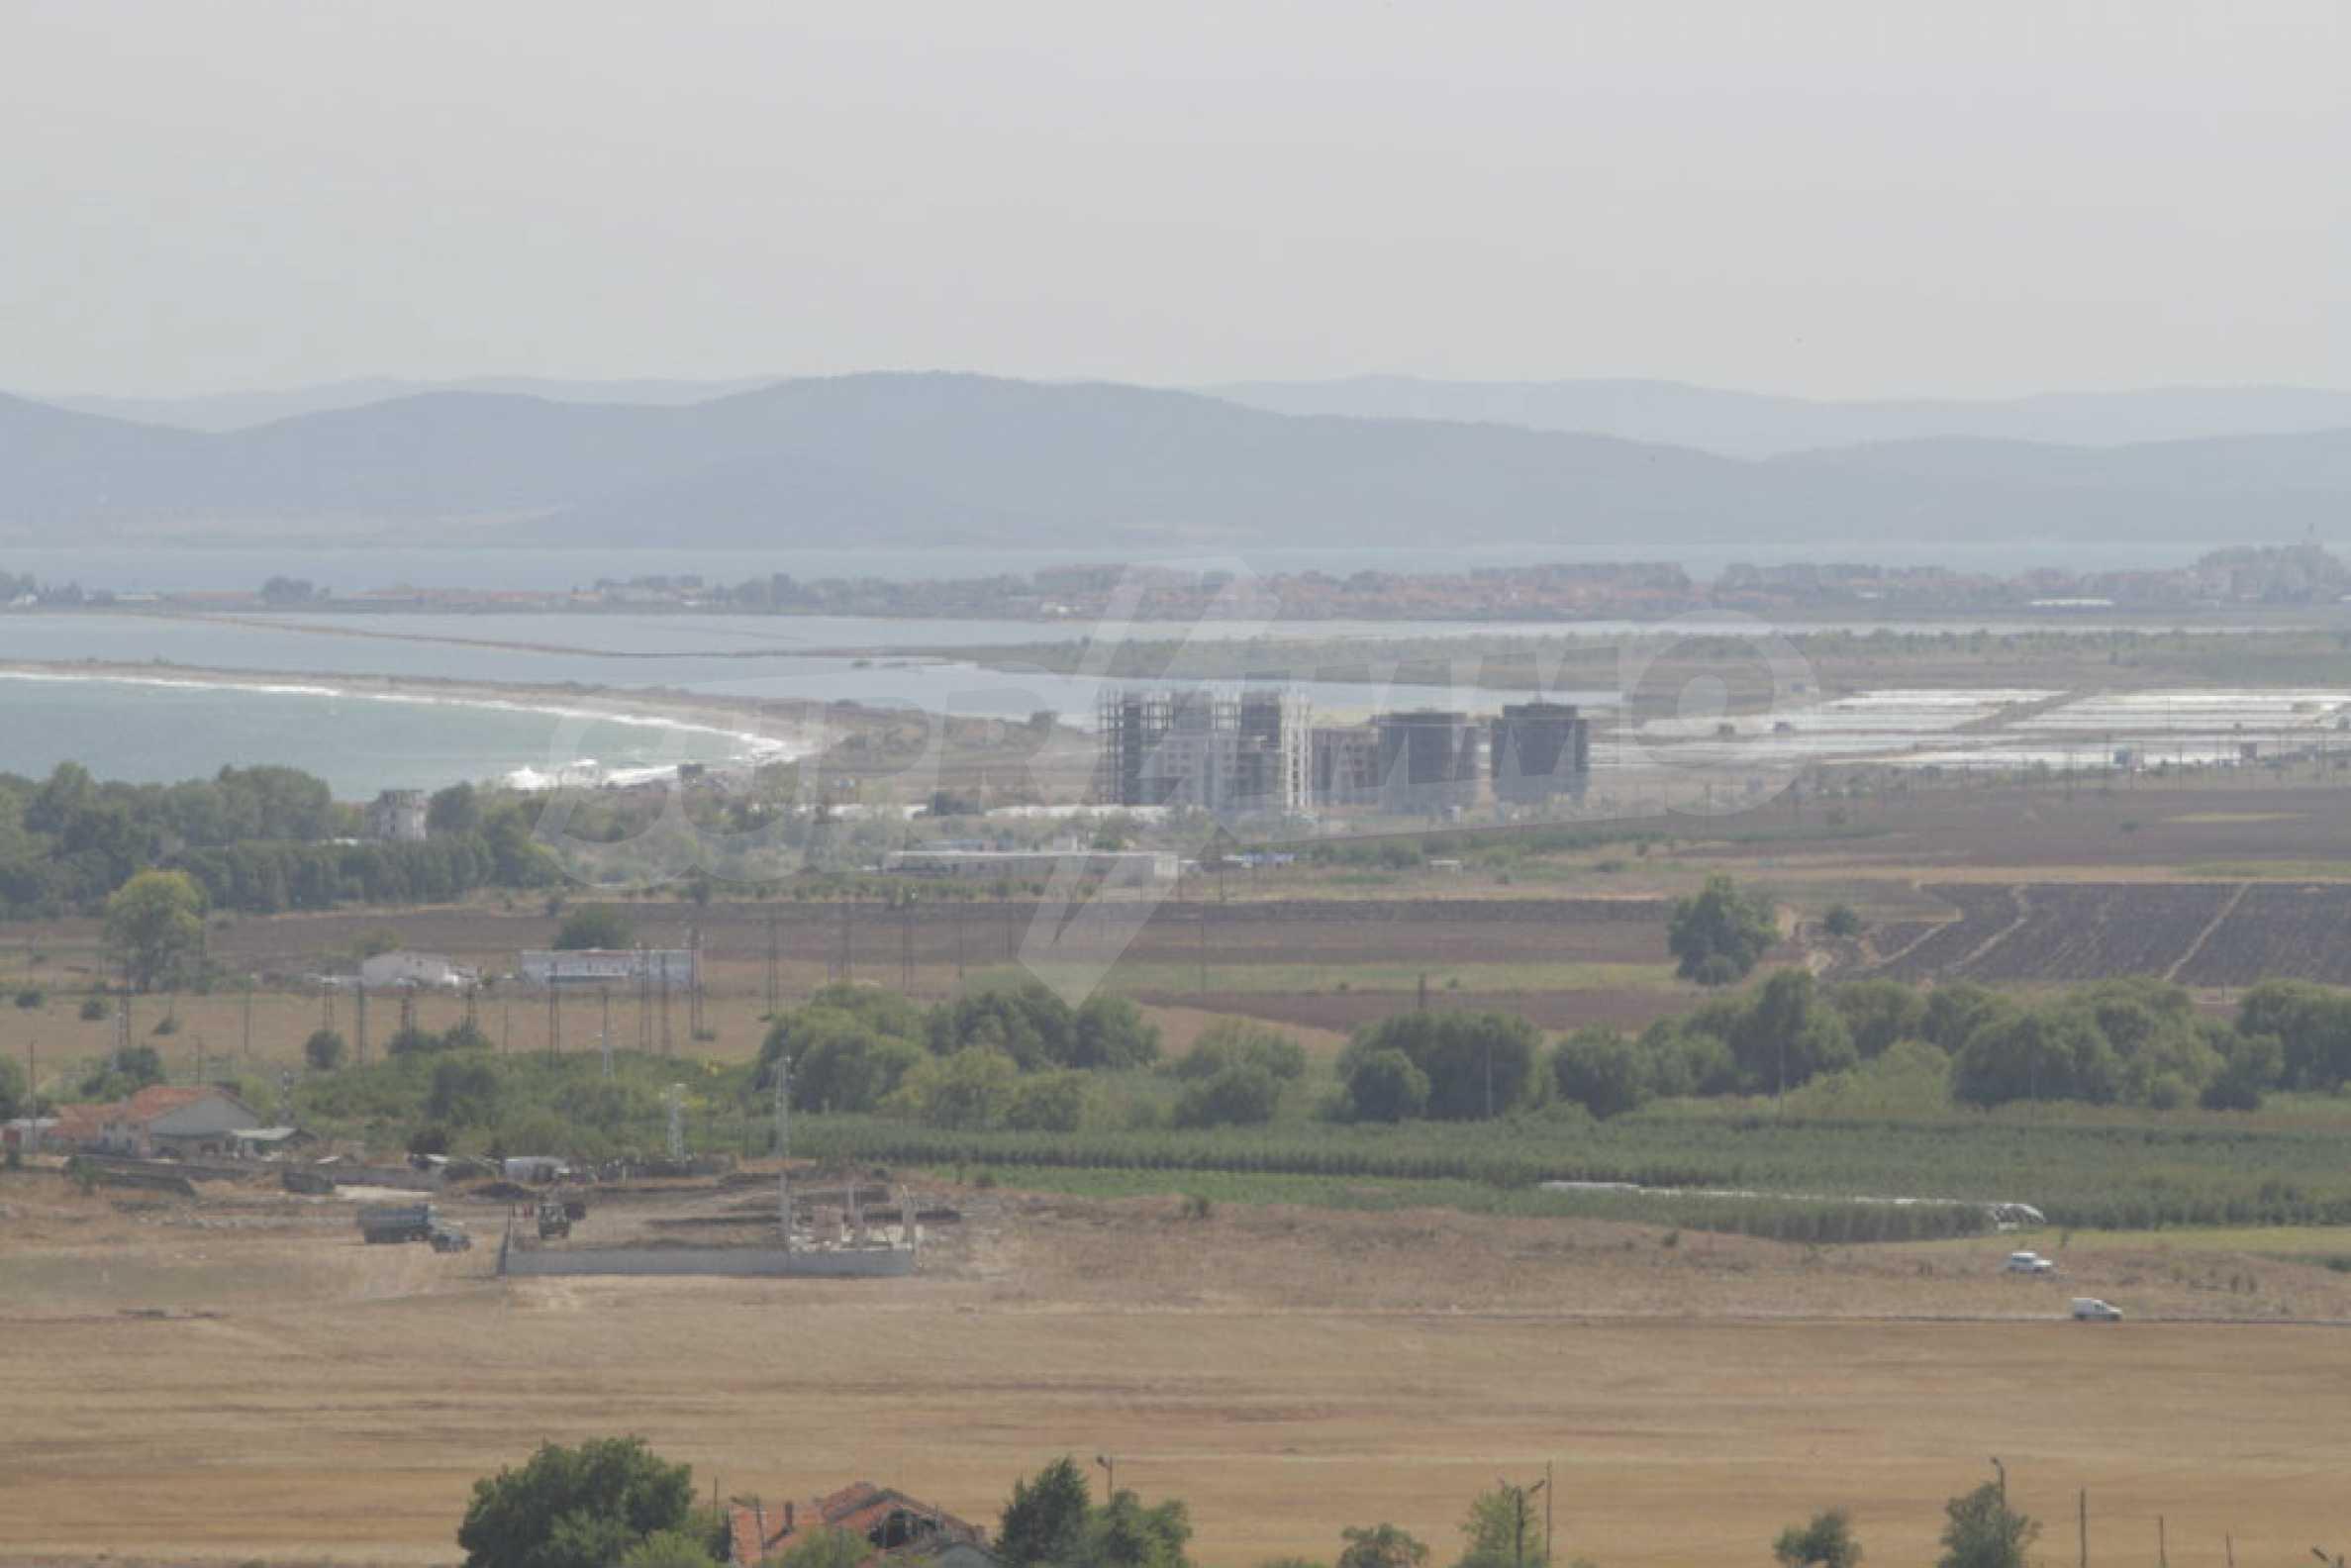 Attraktives Grundstück für Investieren in der Nähe des historischen Komplexes Aheloy 917 und Sonnenstrand, bei Tankowo und Aheloy 33